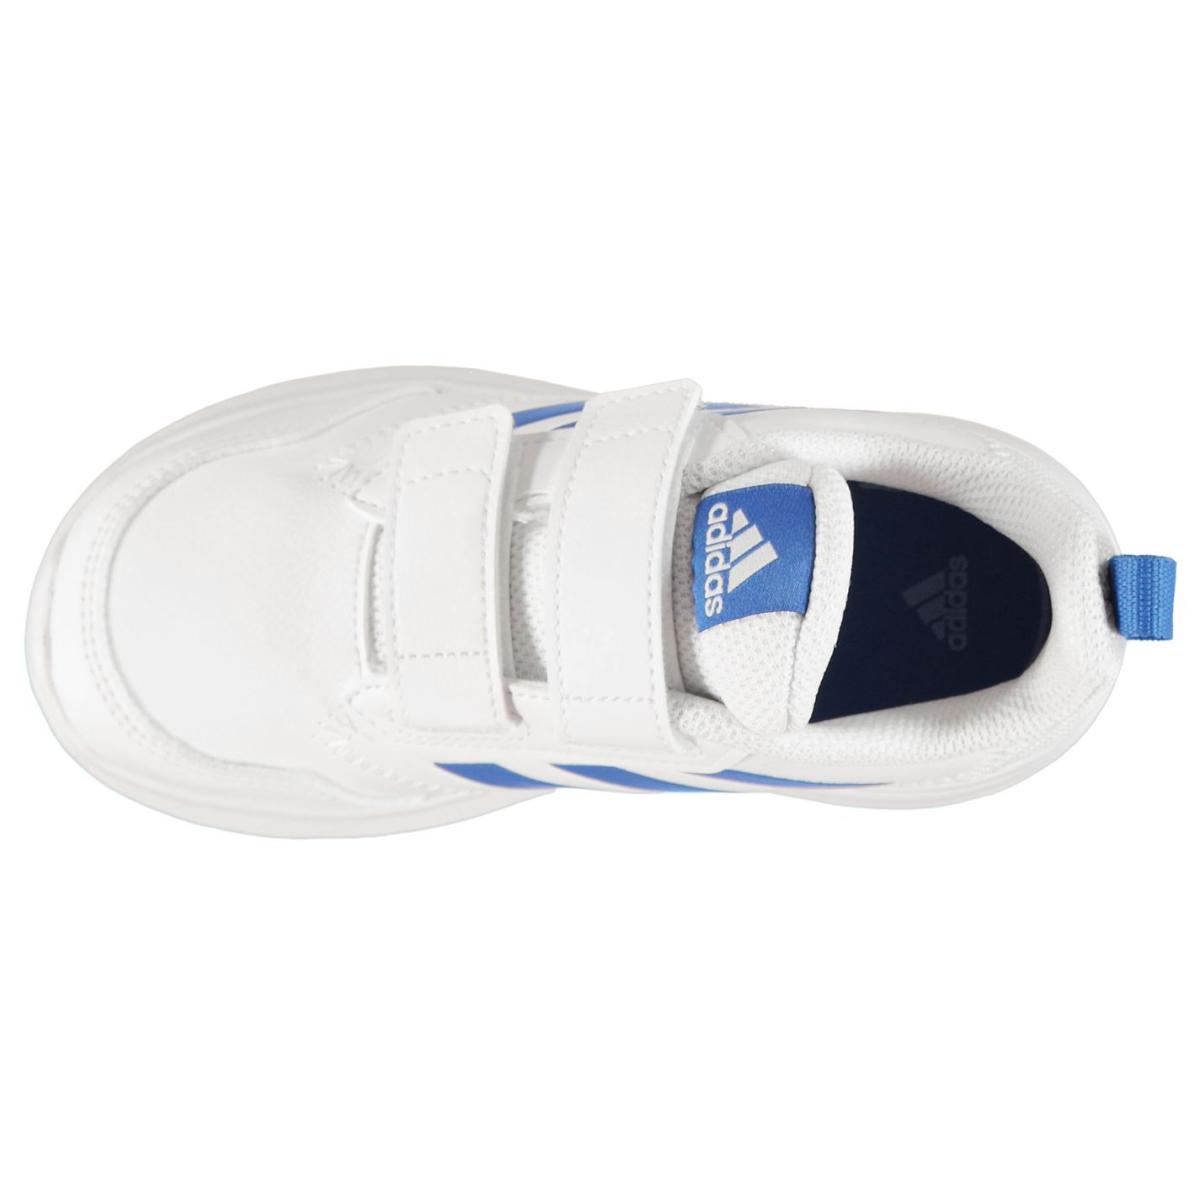 adidas Jungen Turnschuhe Altarun Weiß_Blau